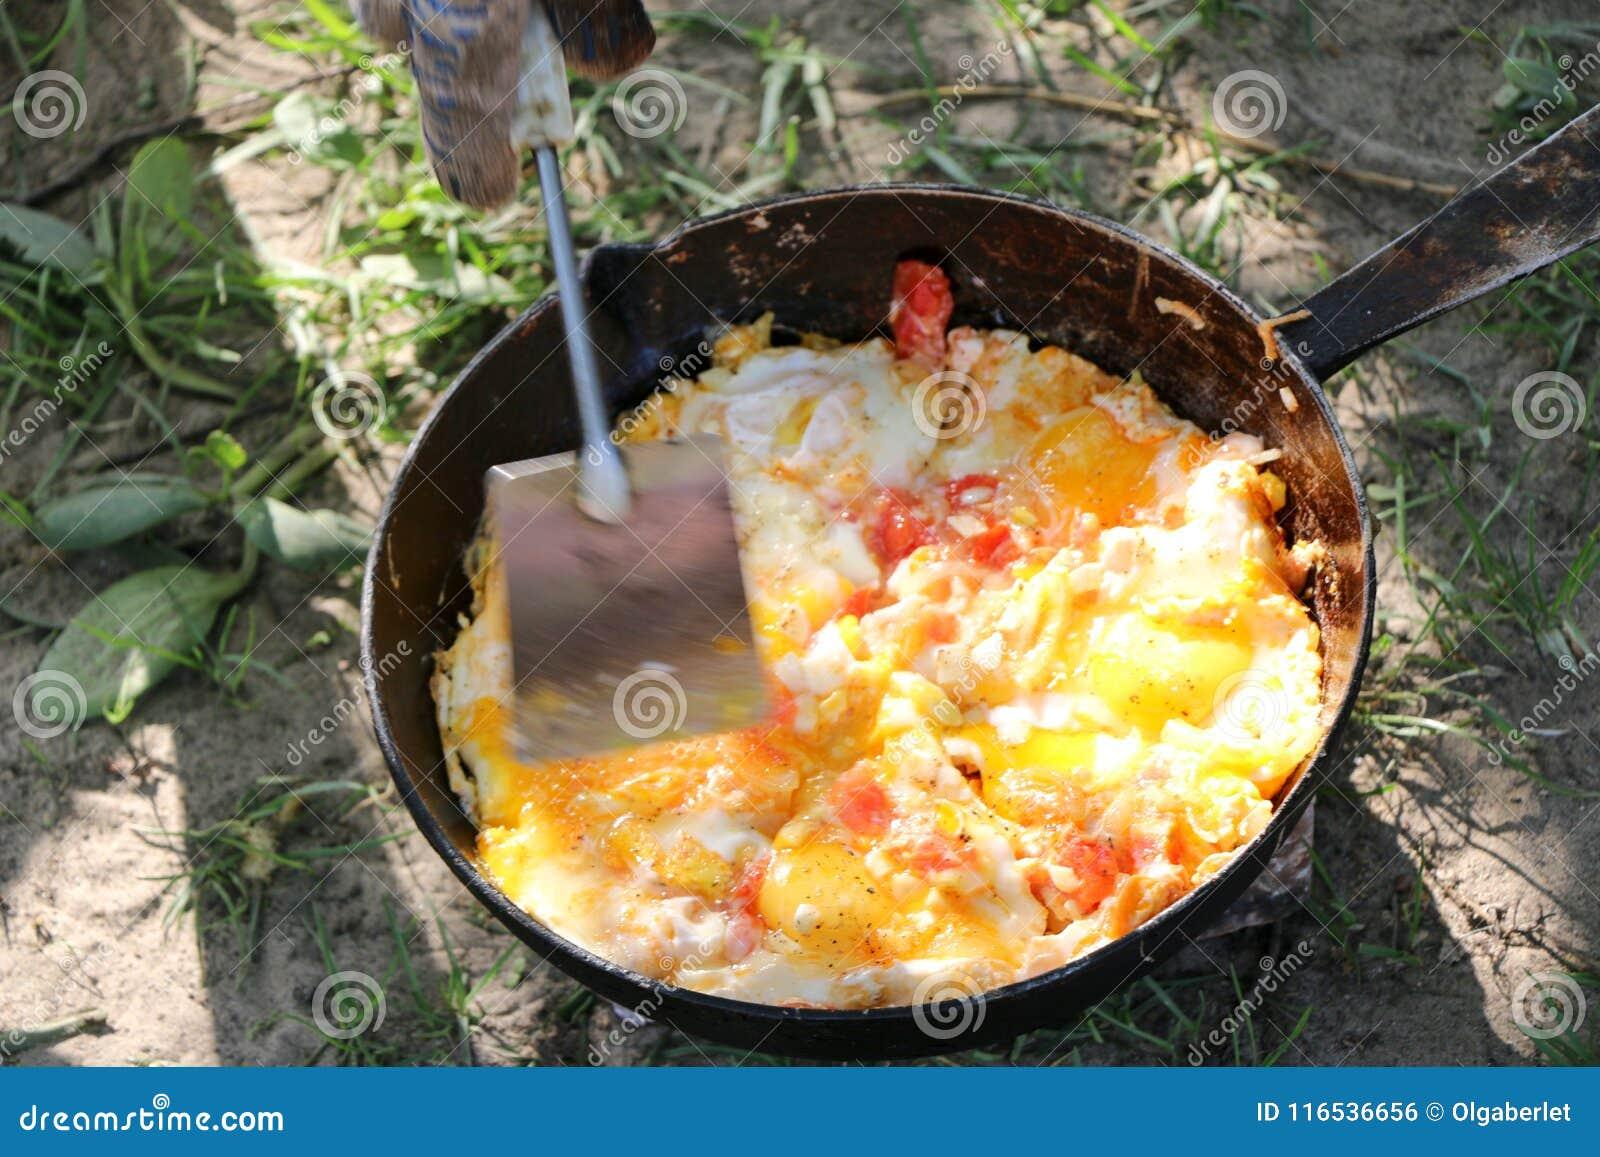 Το ανακατωμένο αυγό που τηγανίζεται στους άνθρακες στο τηγάνι ανοίγει πυρ επάνω, μαγειρεύει πέρα από ανοίγει πυρ